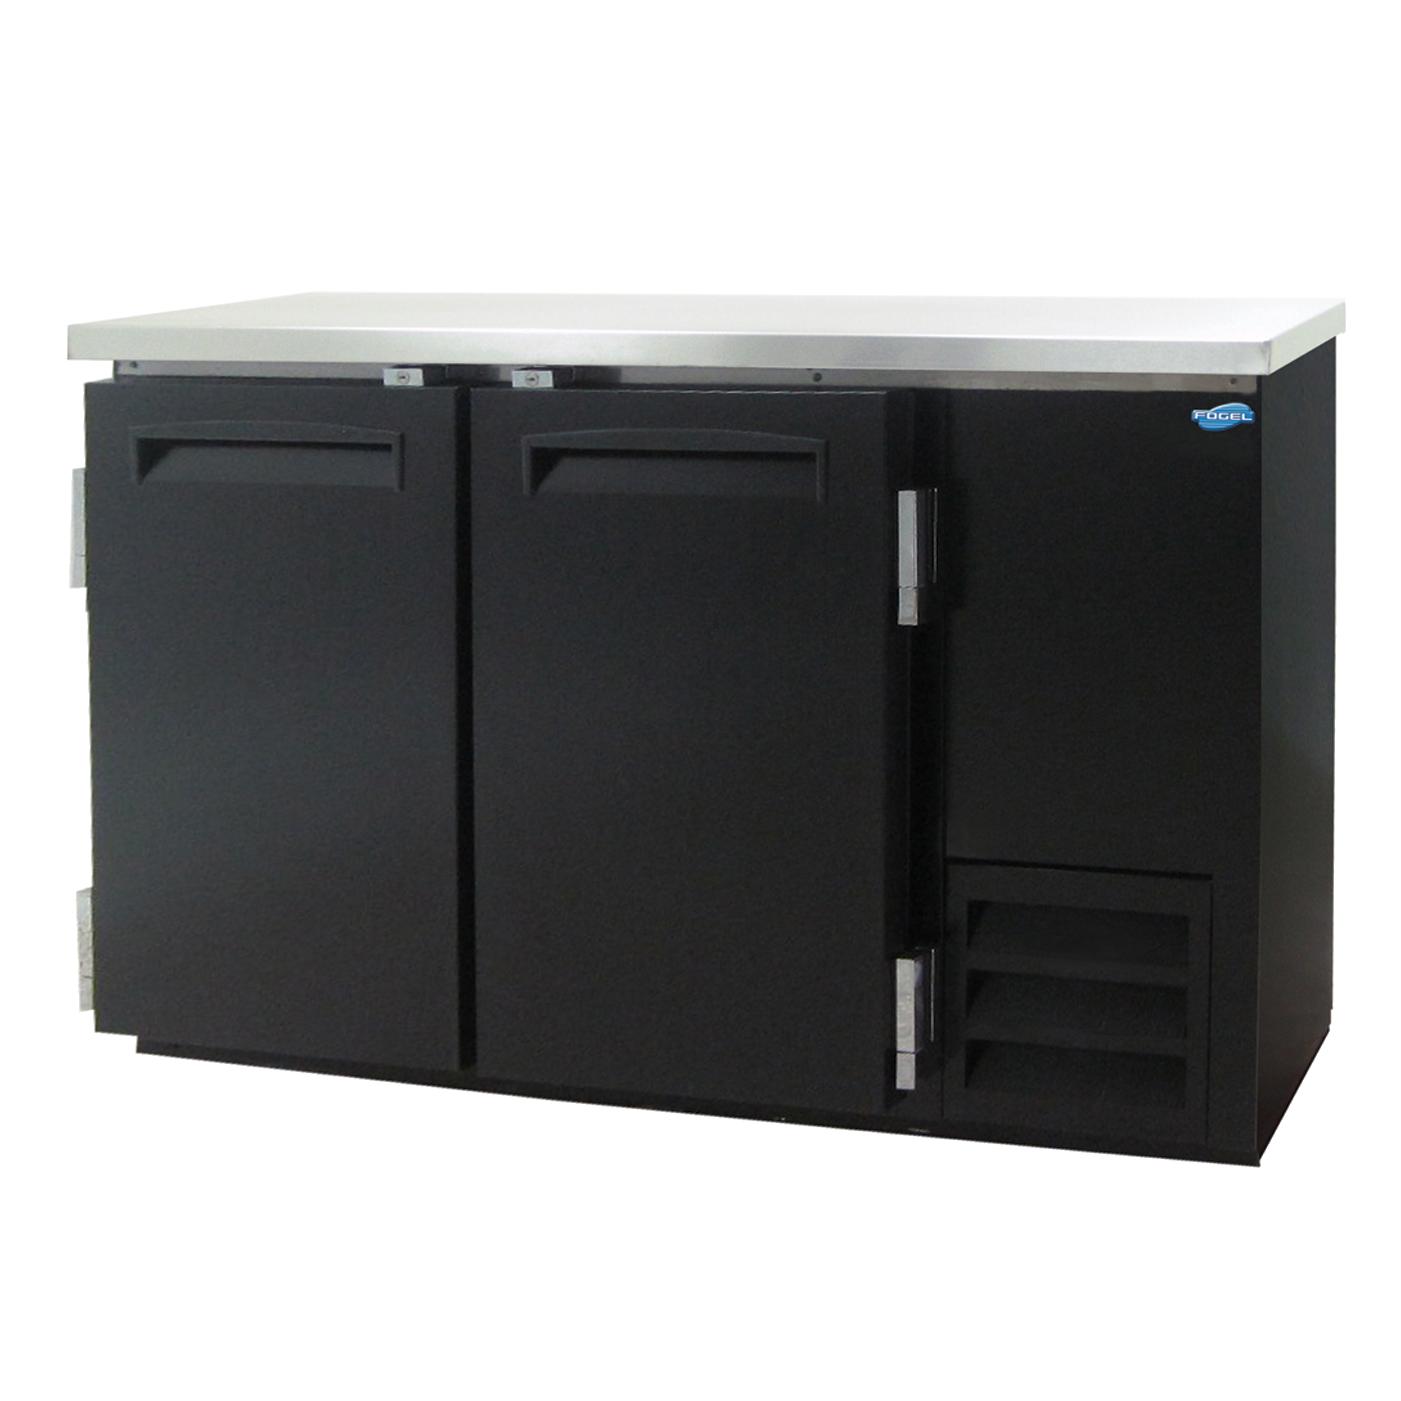 Fogel USA MR-15-US back bar cabinet, refrigerated